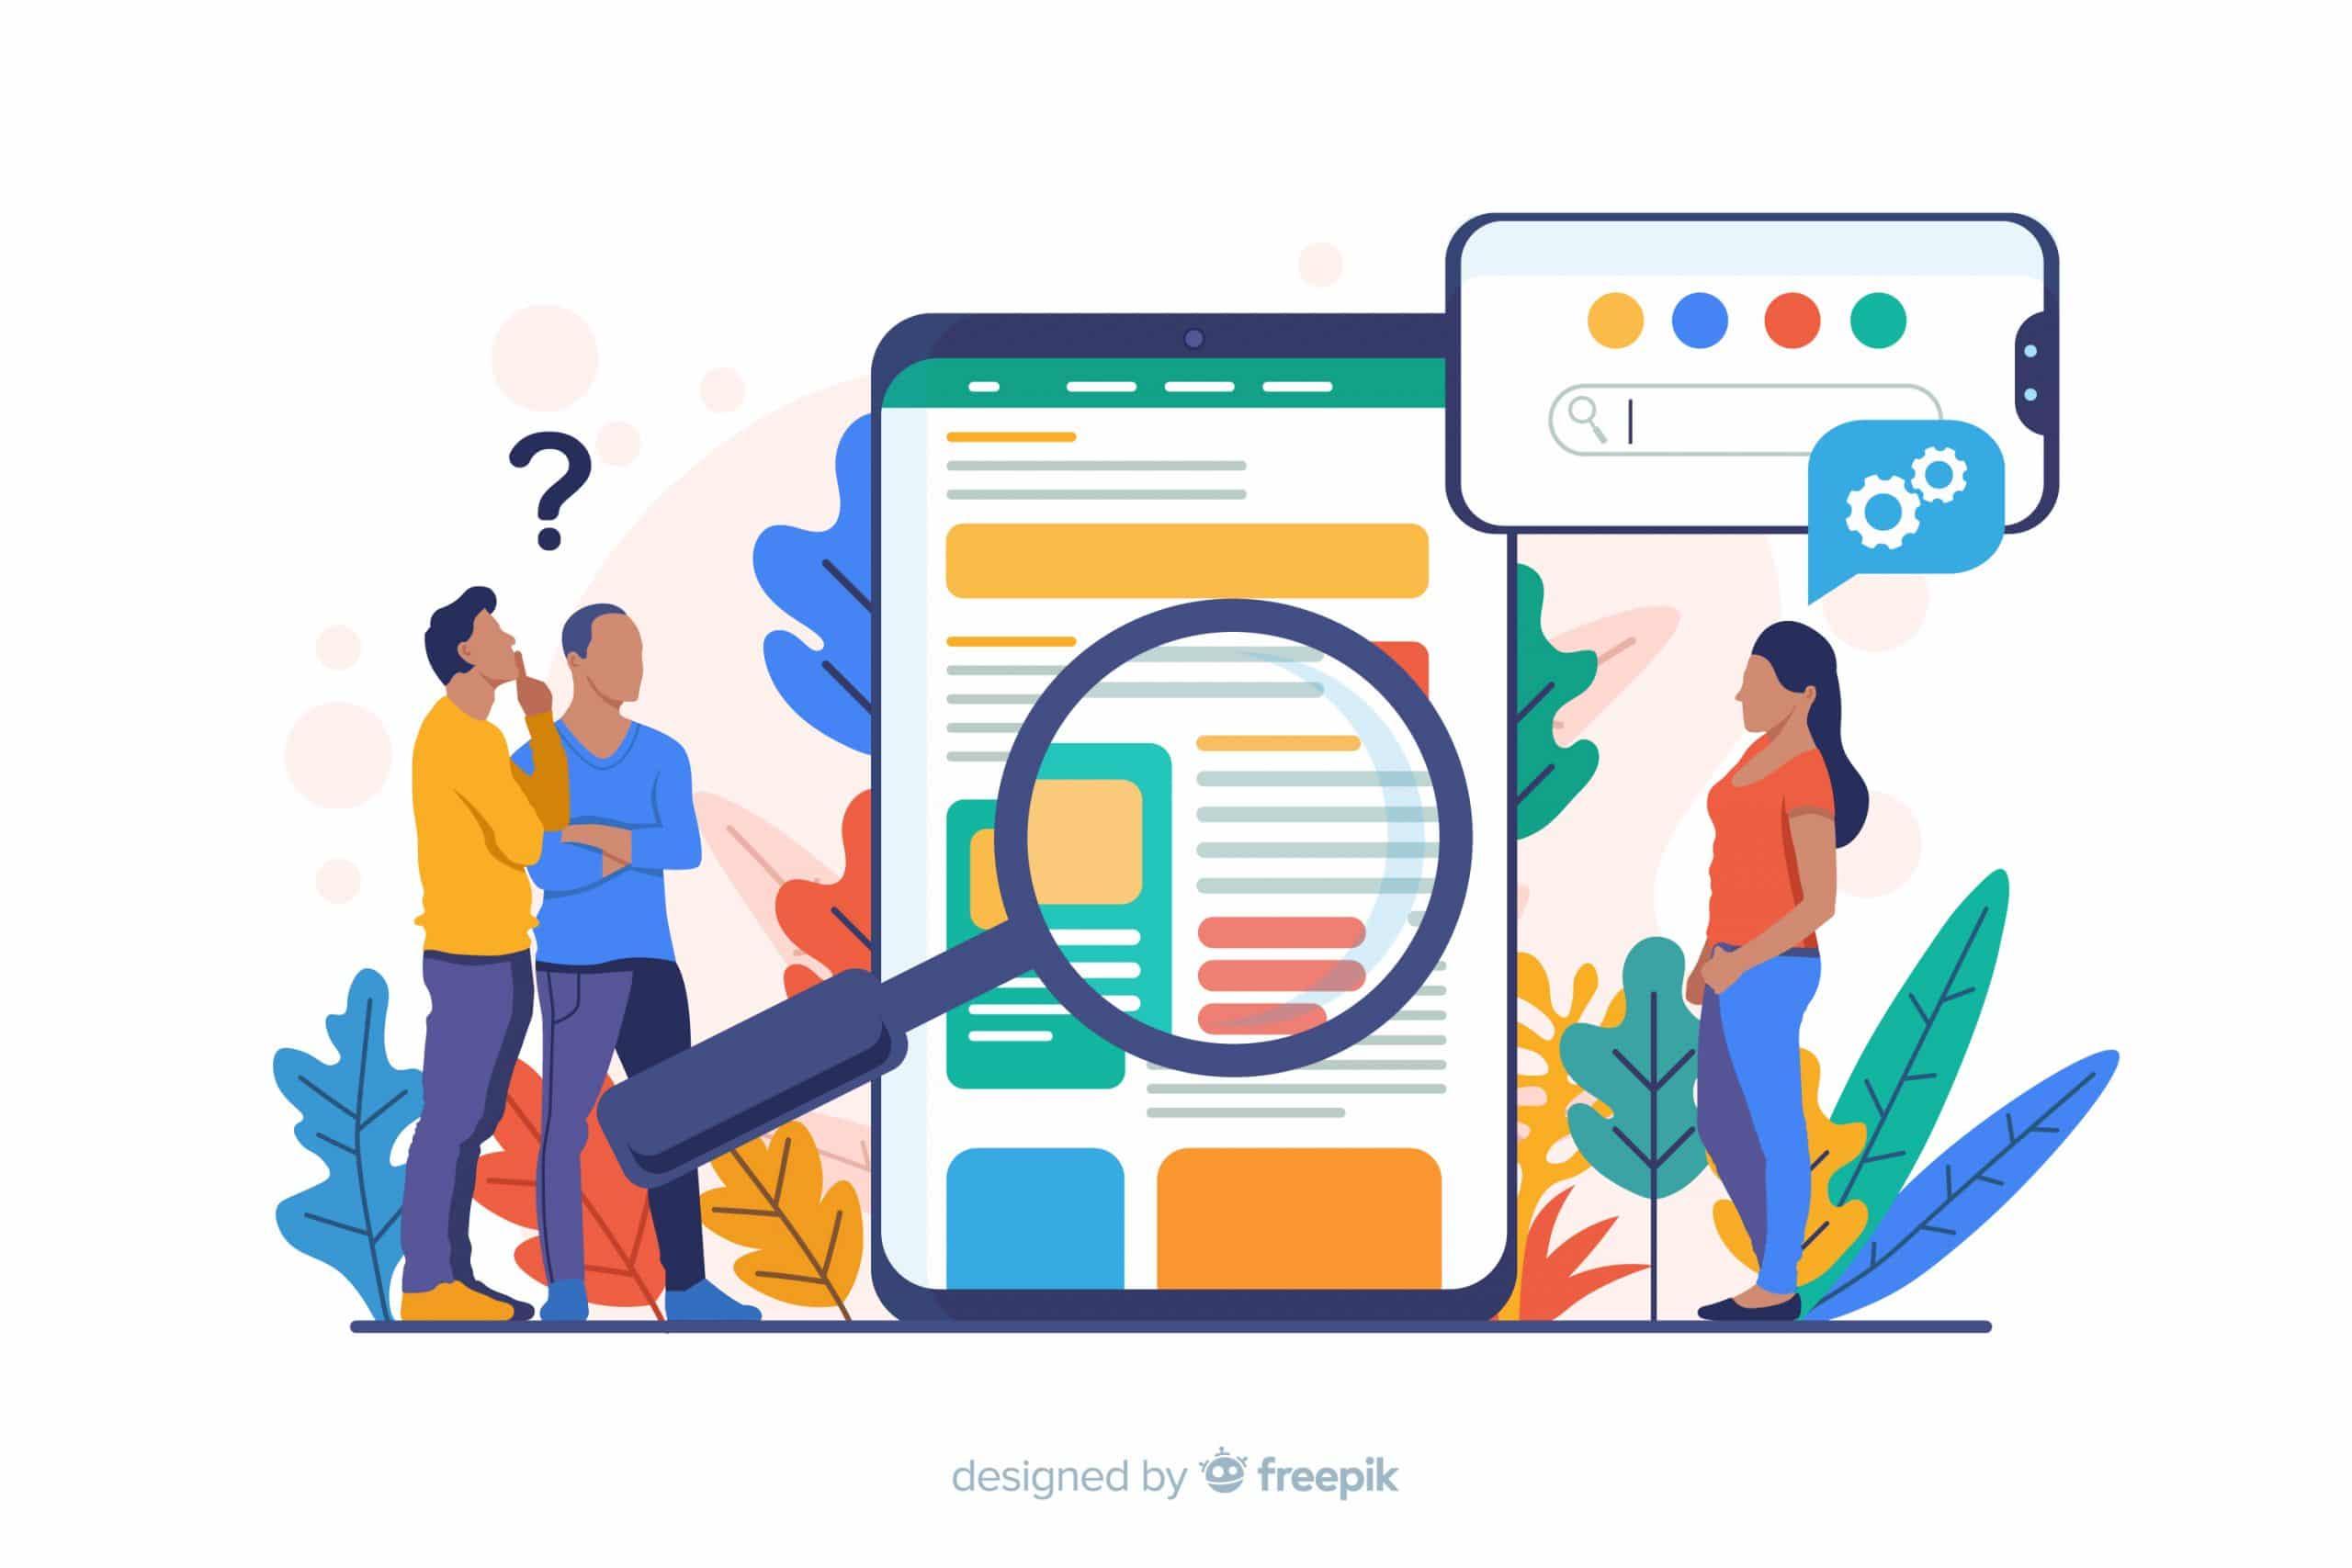 10 yếu tố nhỏ nhưng rất quan trọng khi thiết kế app cho điện thoại